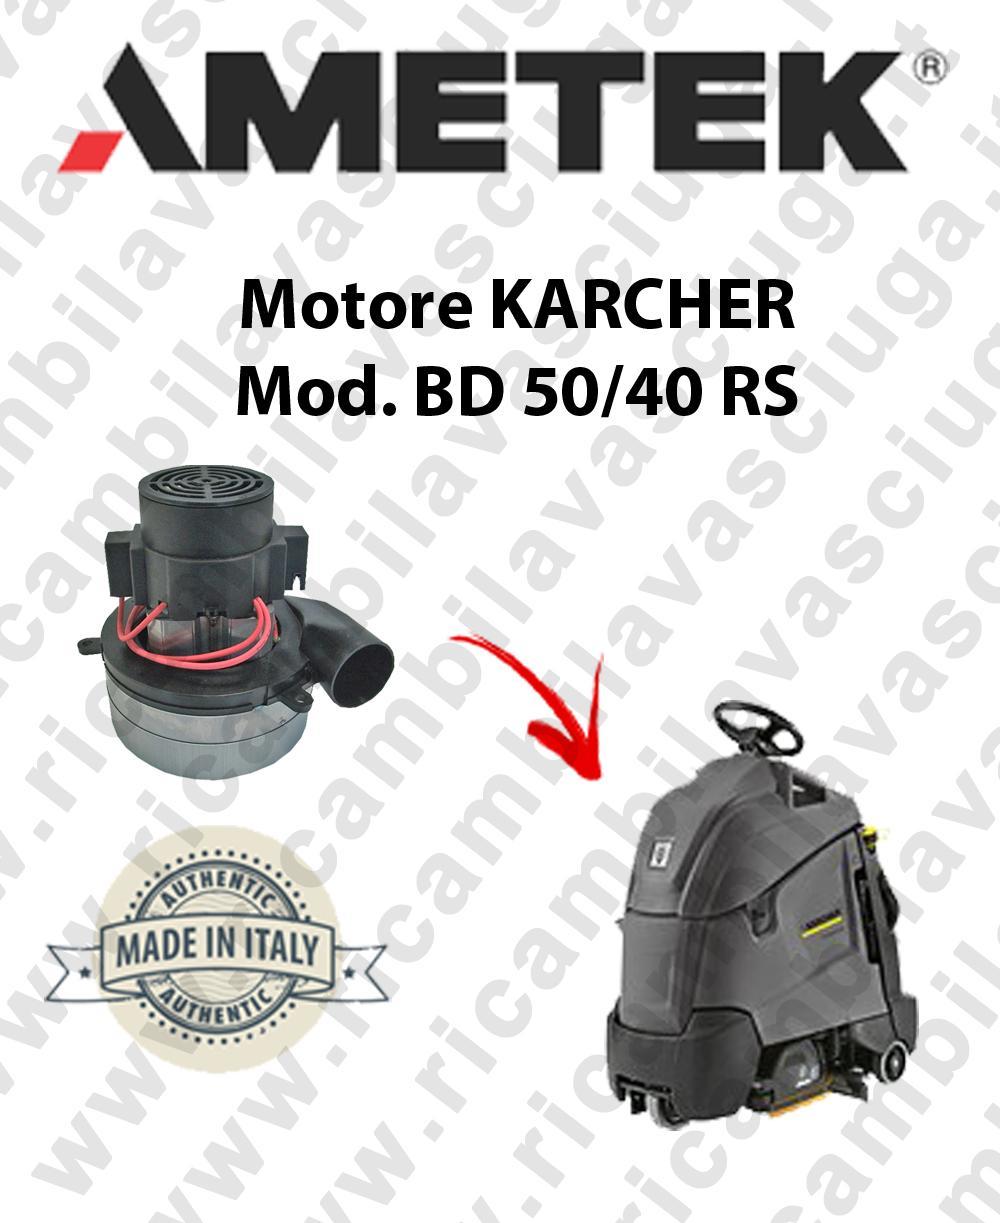 BD 50/40 RS Ametek Vacuum Motor scrubber dryer KARCHER